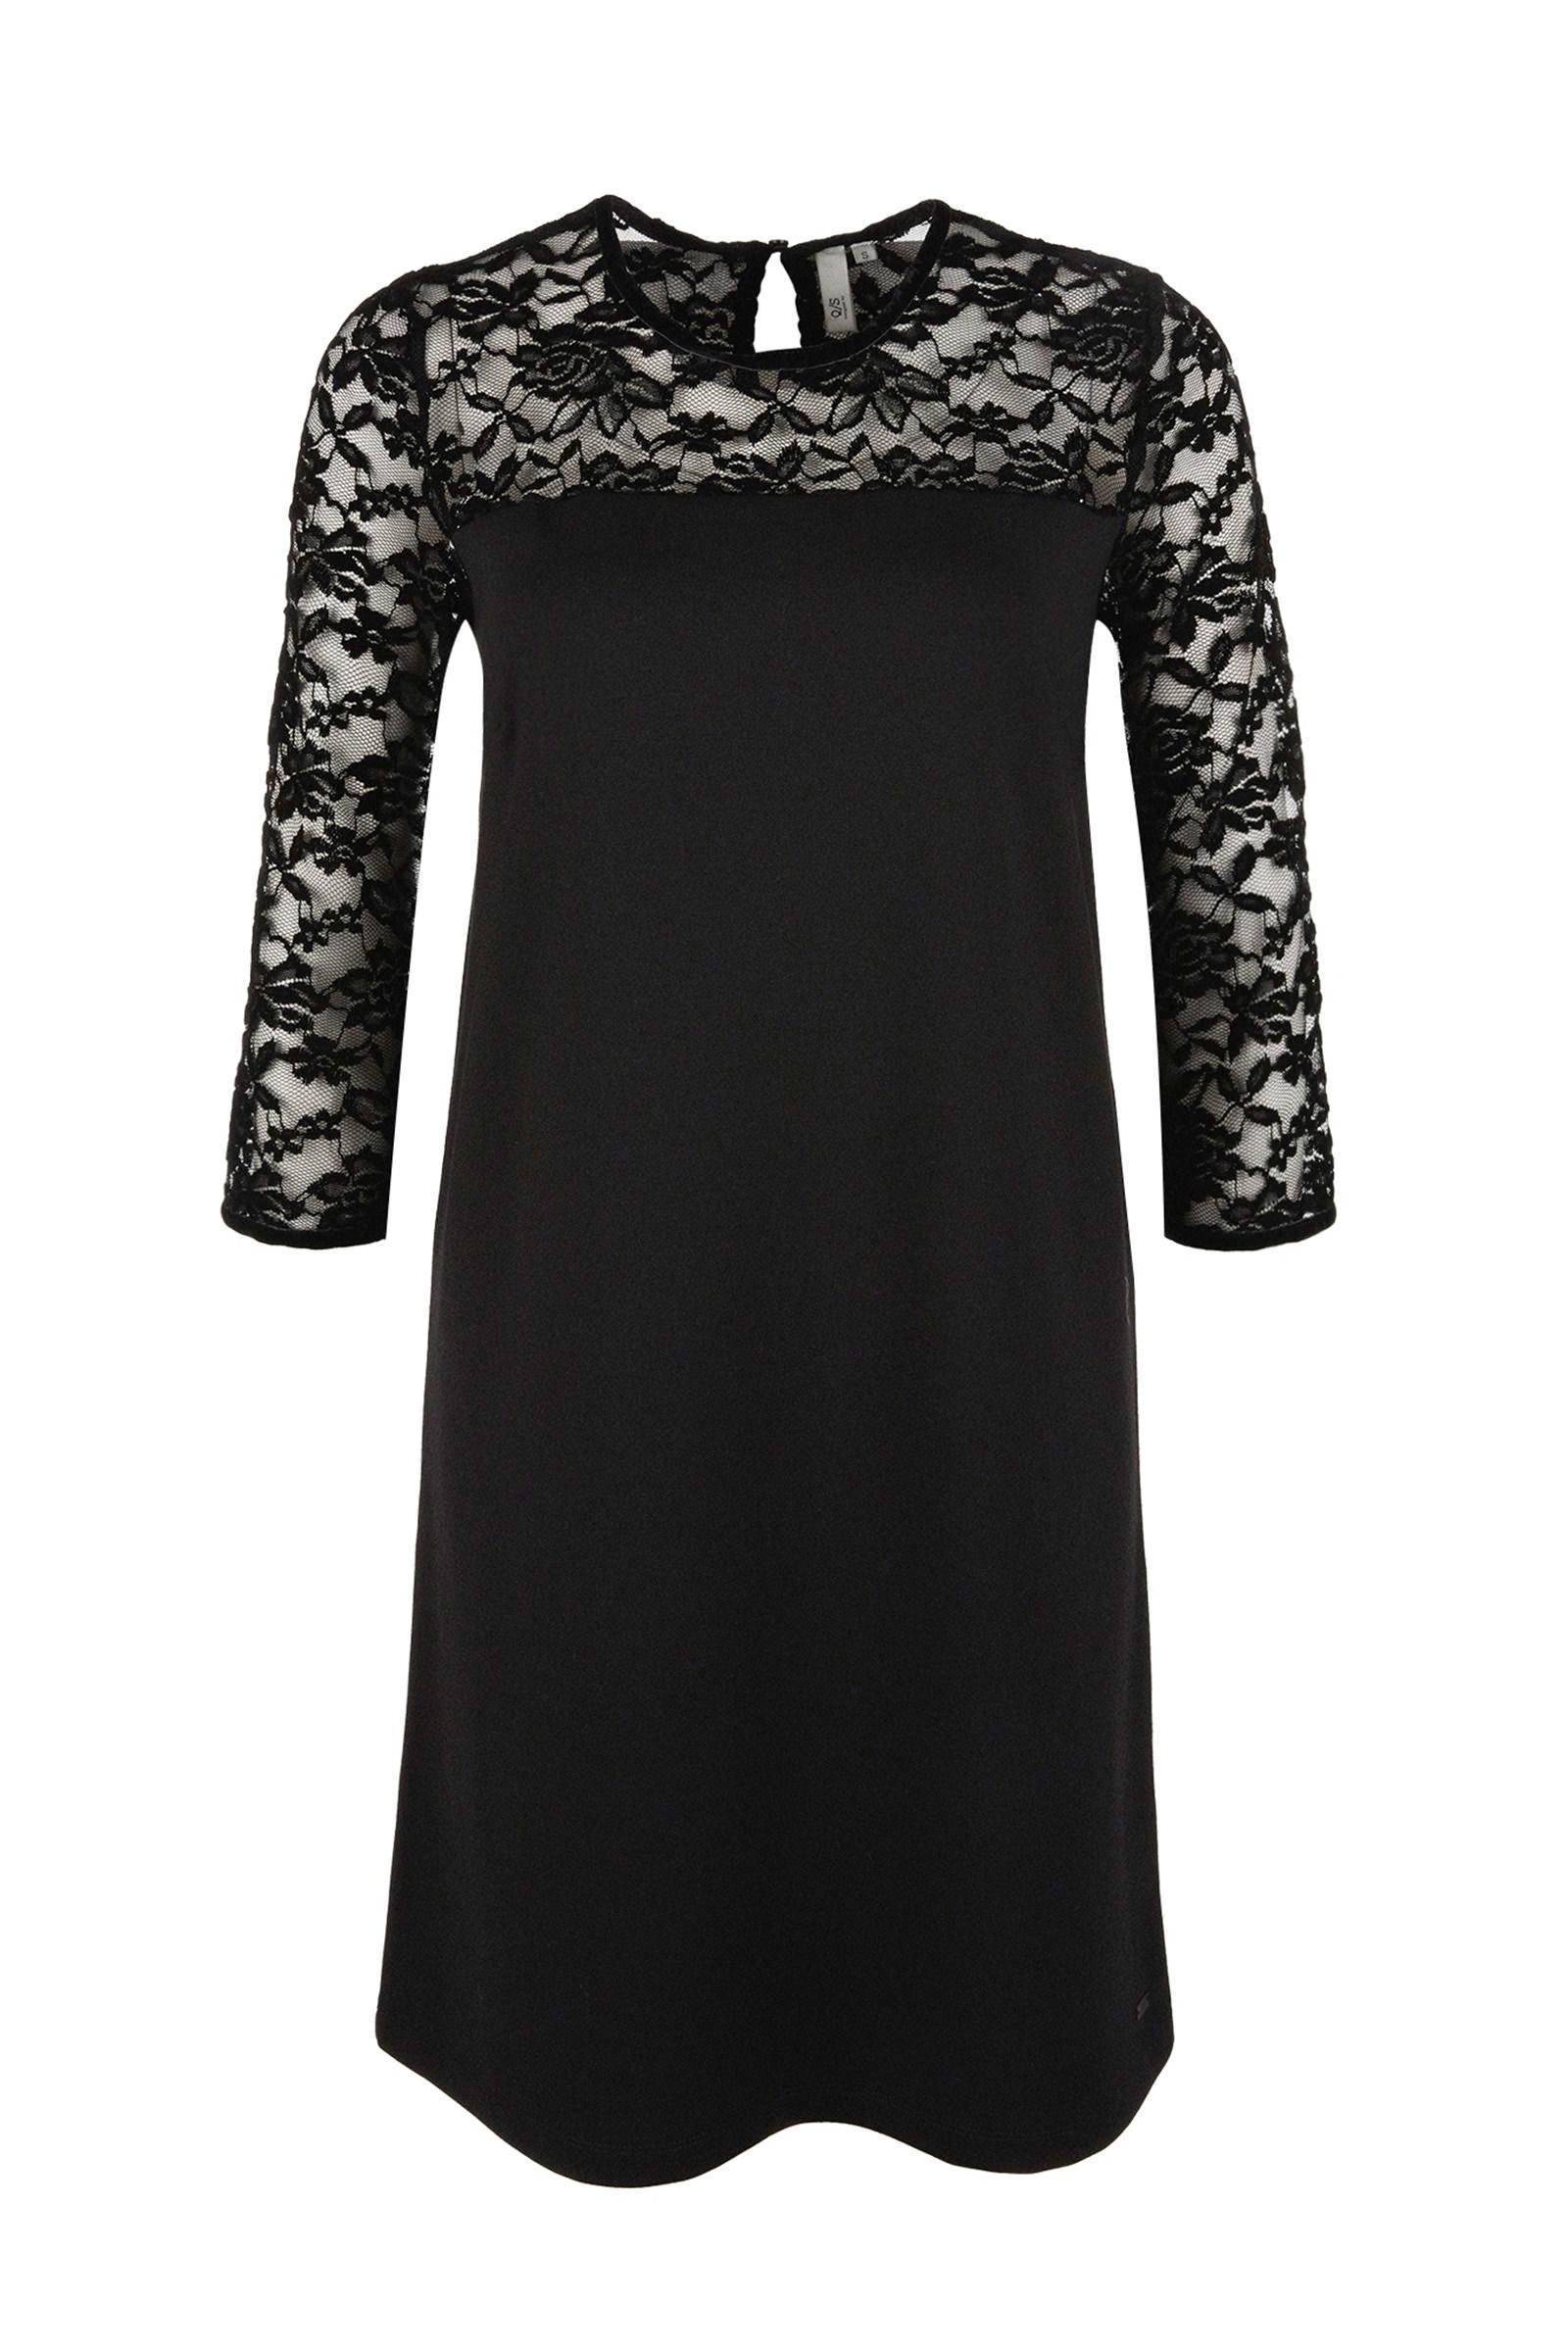 zwarte jurk kant ecru